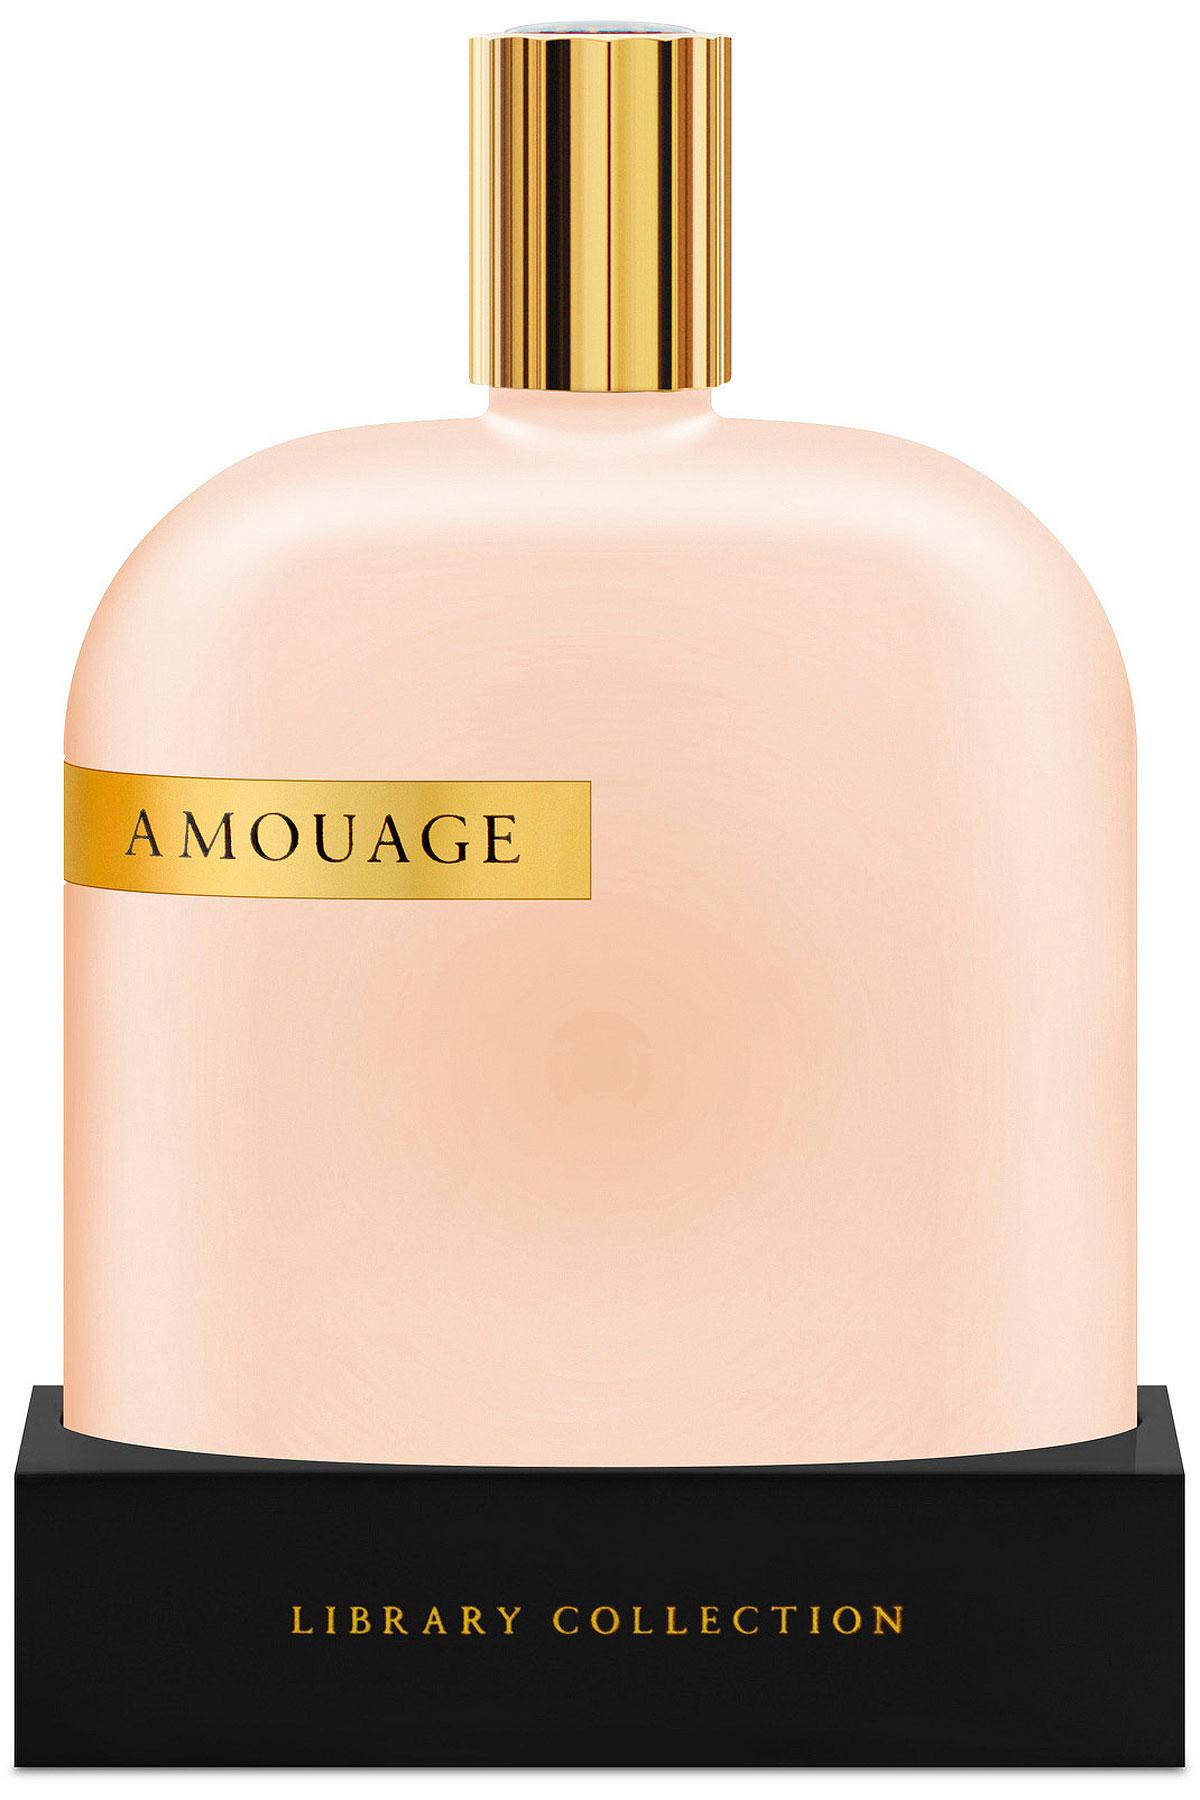 Amouage Fragrances for Men, Opus V - Eau De Parfum - 100 Ml, 2019, 100 ml